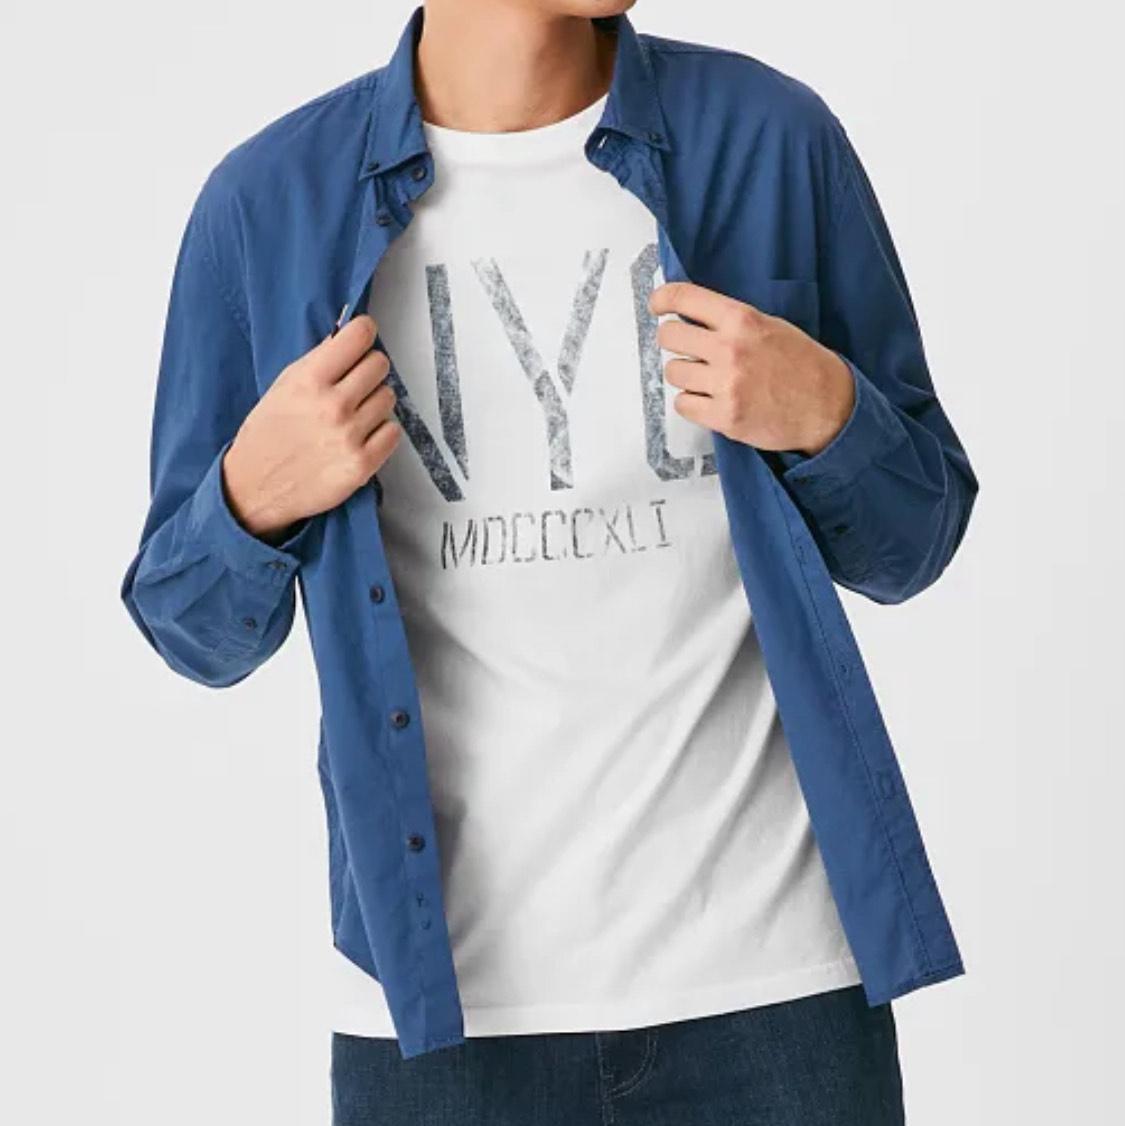 Pack camisa+camiseta hombre talla XL (precio en la cesta) Envío a tienda gratis.